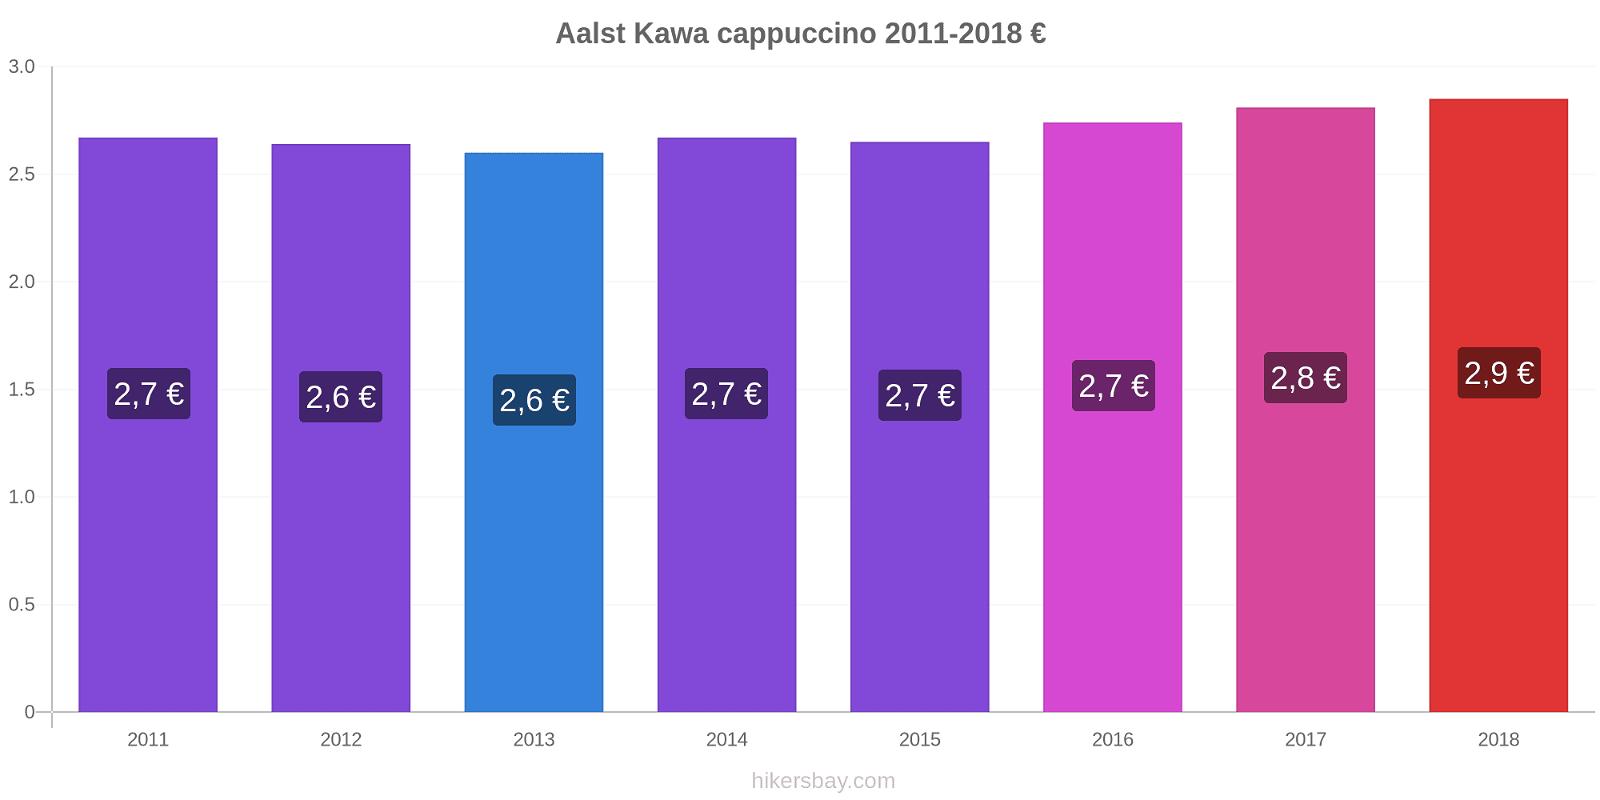 Aalst zmiany cen Kawa cappuccino hikersbay.com